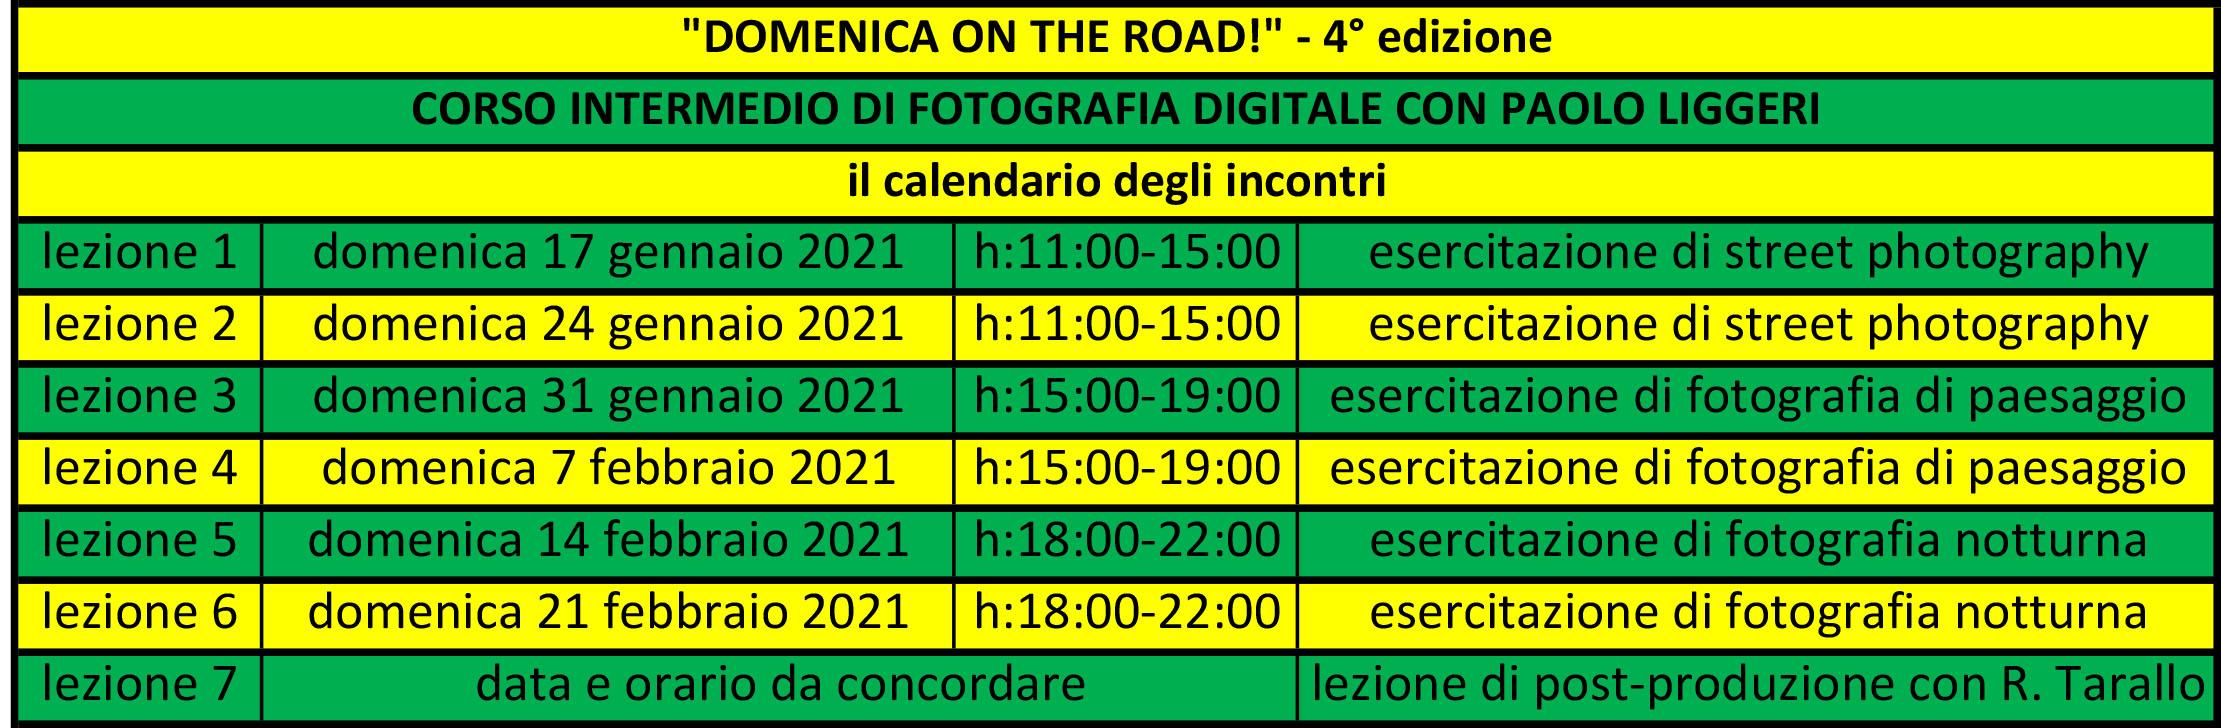 """il calendario del corso intermedio di fotografia """"Domenica on the road!"""""""